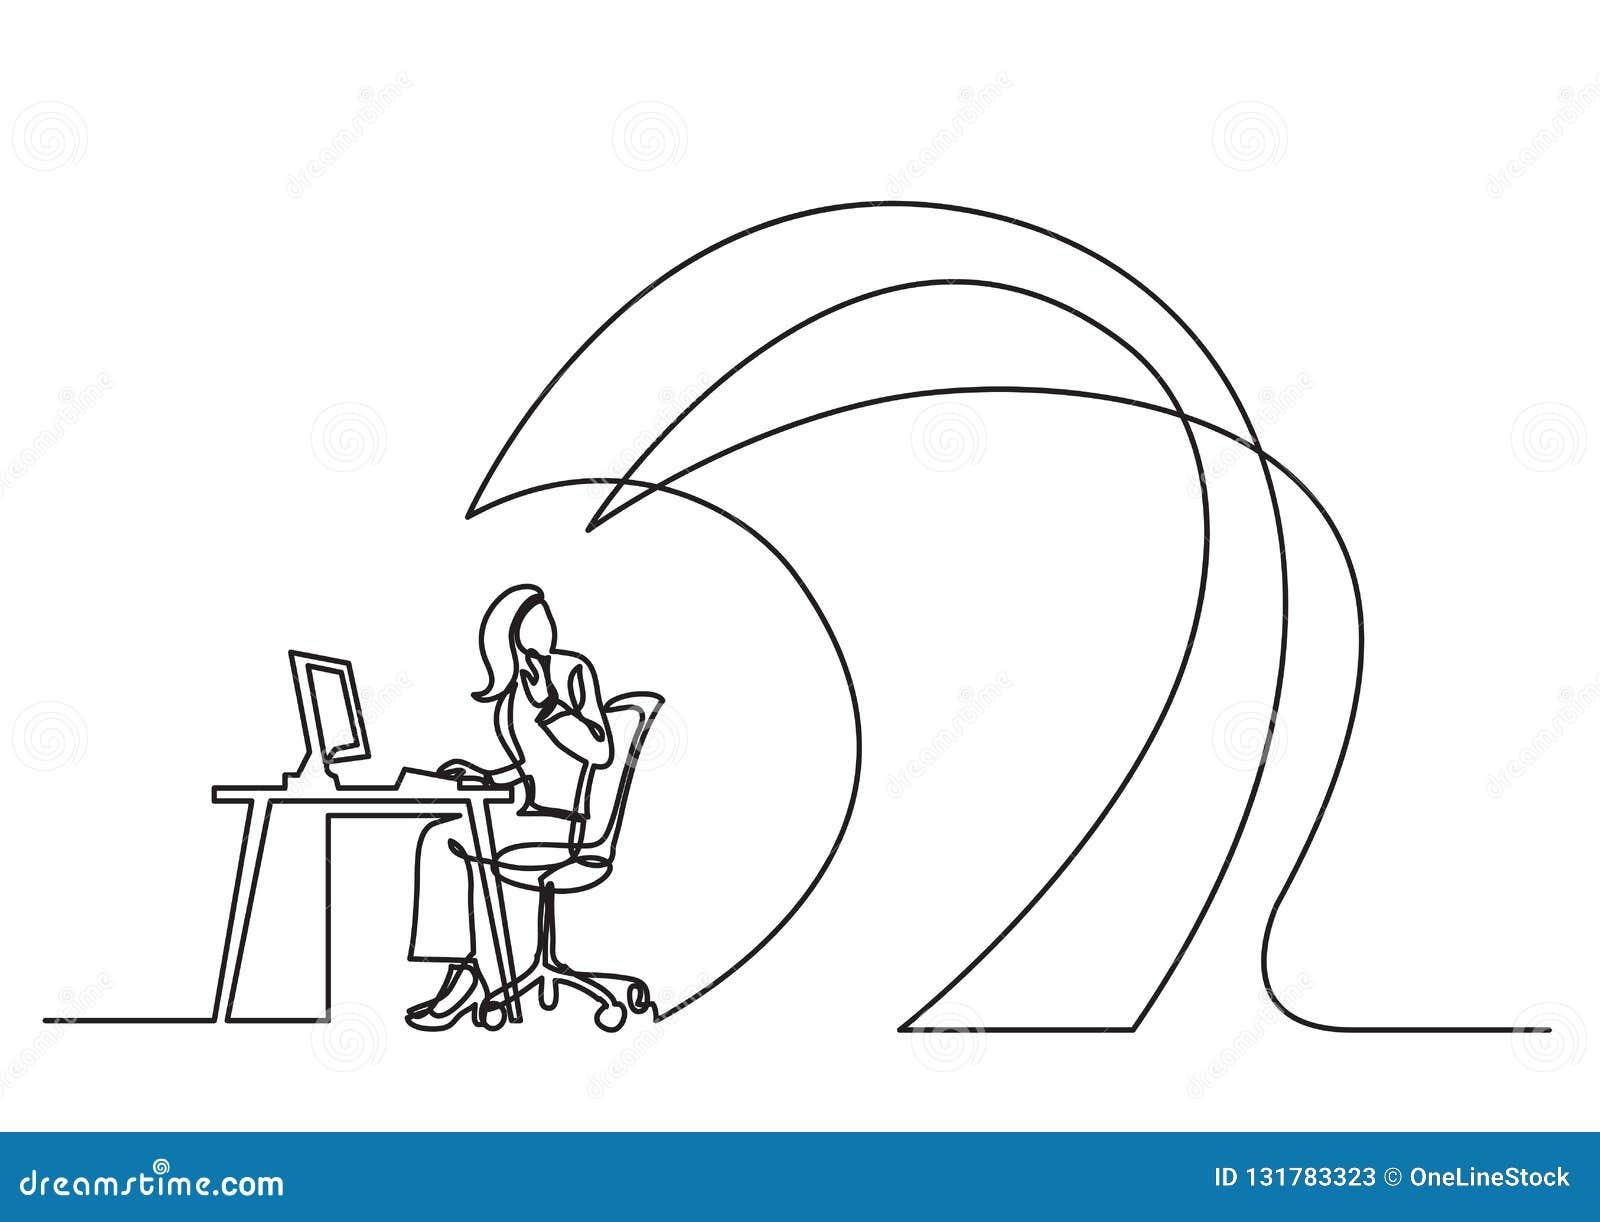 Disegno a tratteggio continuo del concetto di affari - impiegato di concetto sotto le onde di lavoro